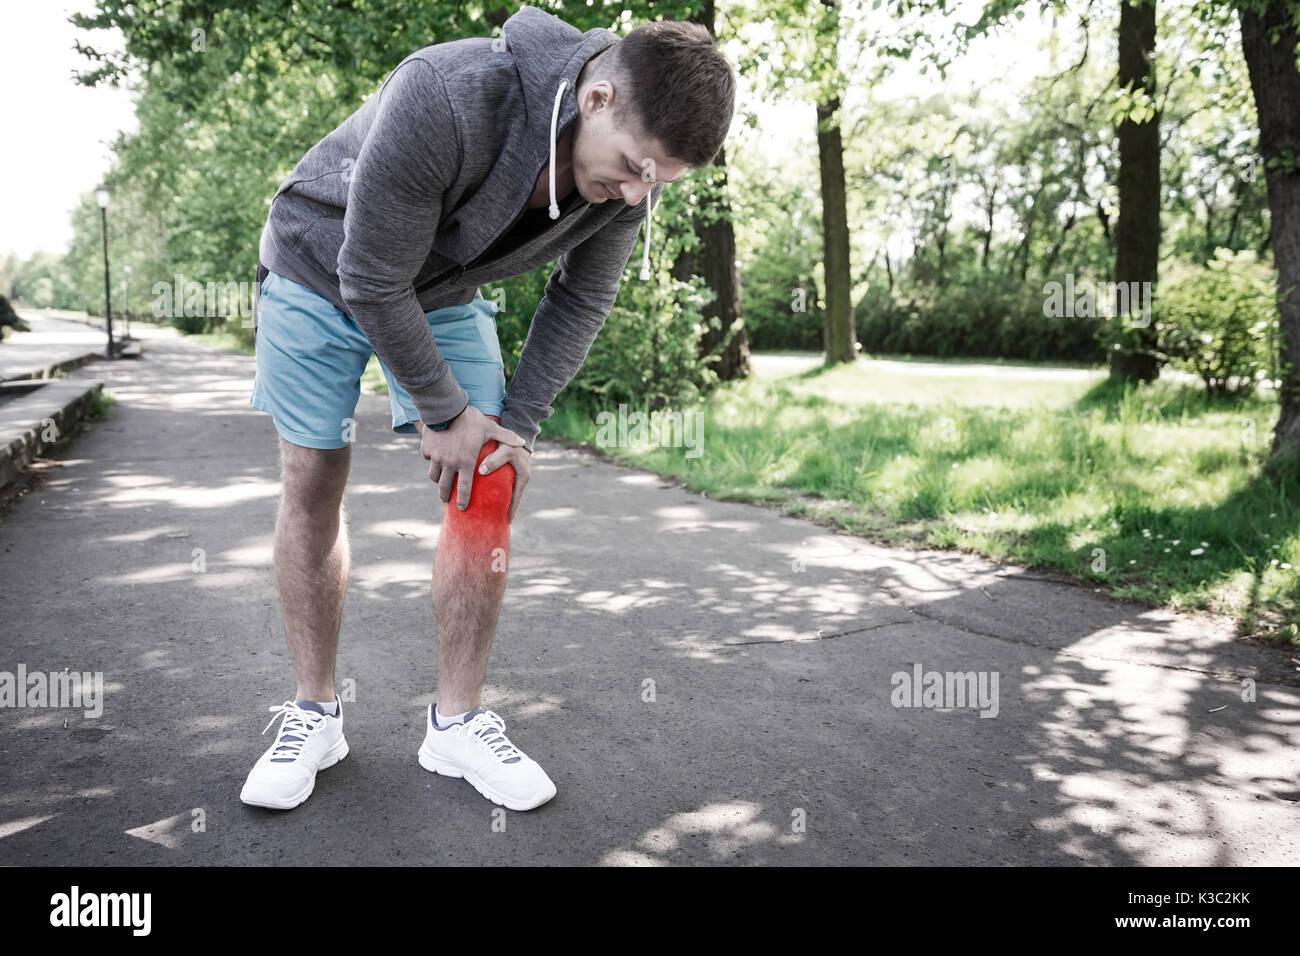 Jogging Shoes Bruised Heels